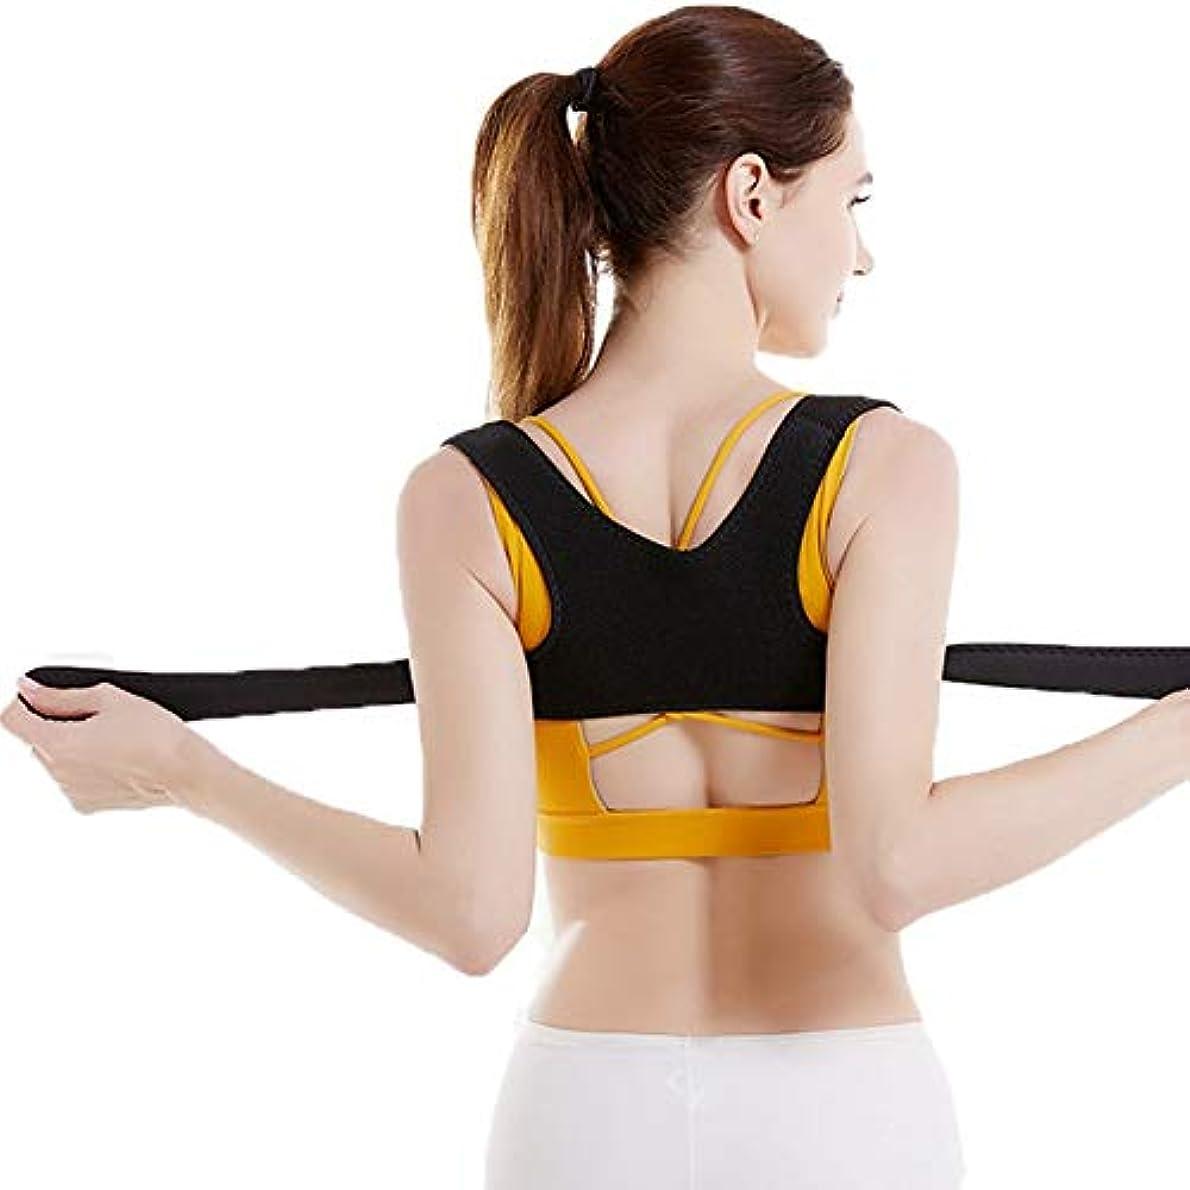 姿勢矯正男性女性調節可能なバックブレース通気性ネオプレンバック矯正用脊柱後Ky用ブレース改善悪い姿勢の痛み B830